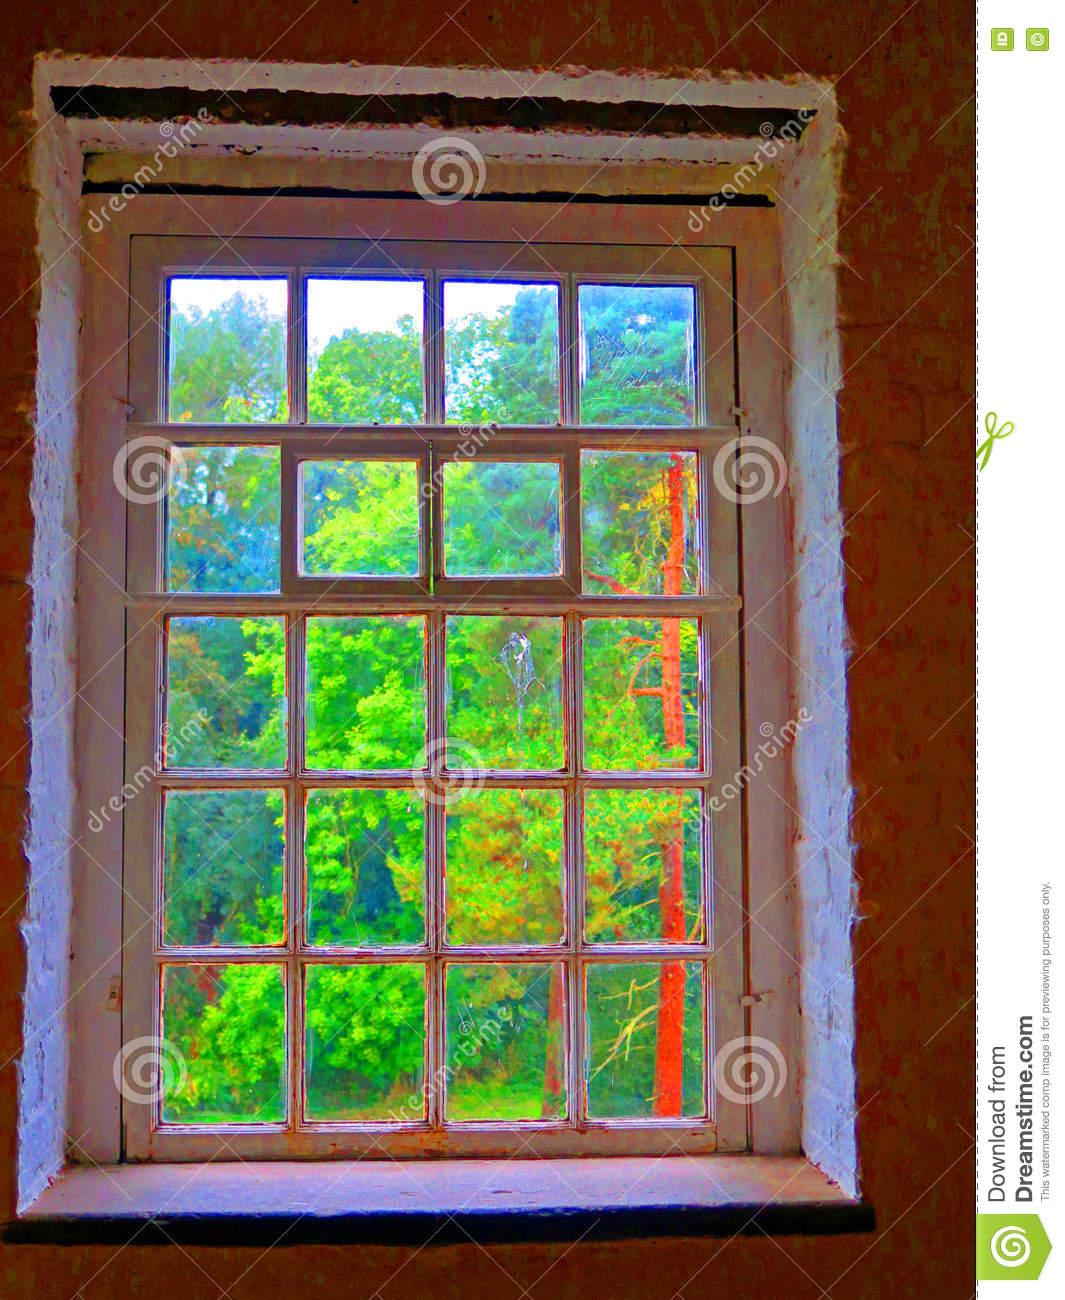 Full Size of Fensterwelten Polnische Fenster 24 Welten Bei Channel21 Gmbh Erfahrungen Frankfurt Konfigurator Fenster Welten Gmbh Bewertung Channel Sichtschutz Für Mit Fenster Fenster Welten